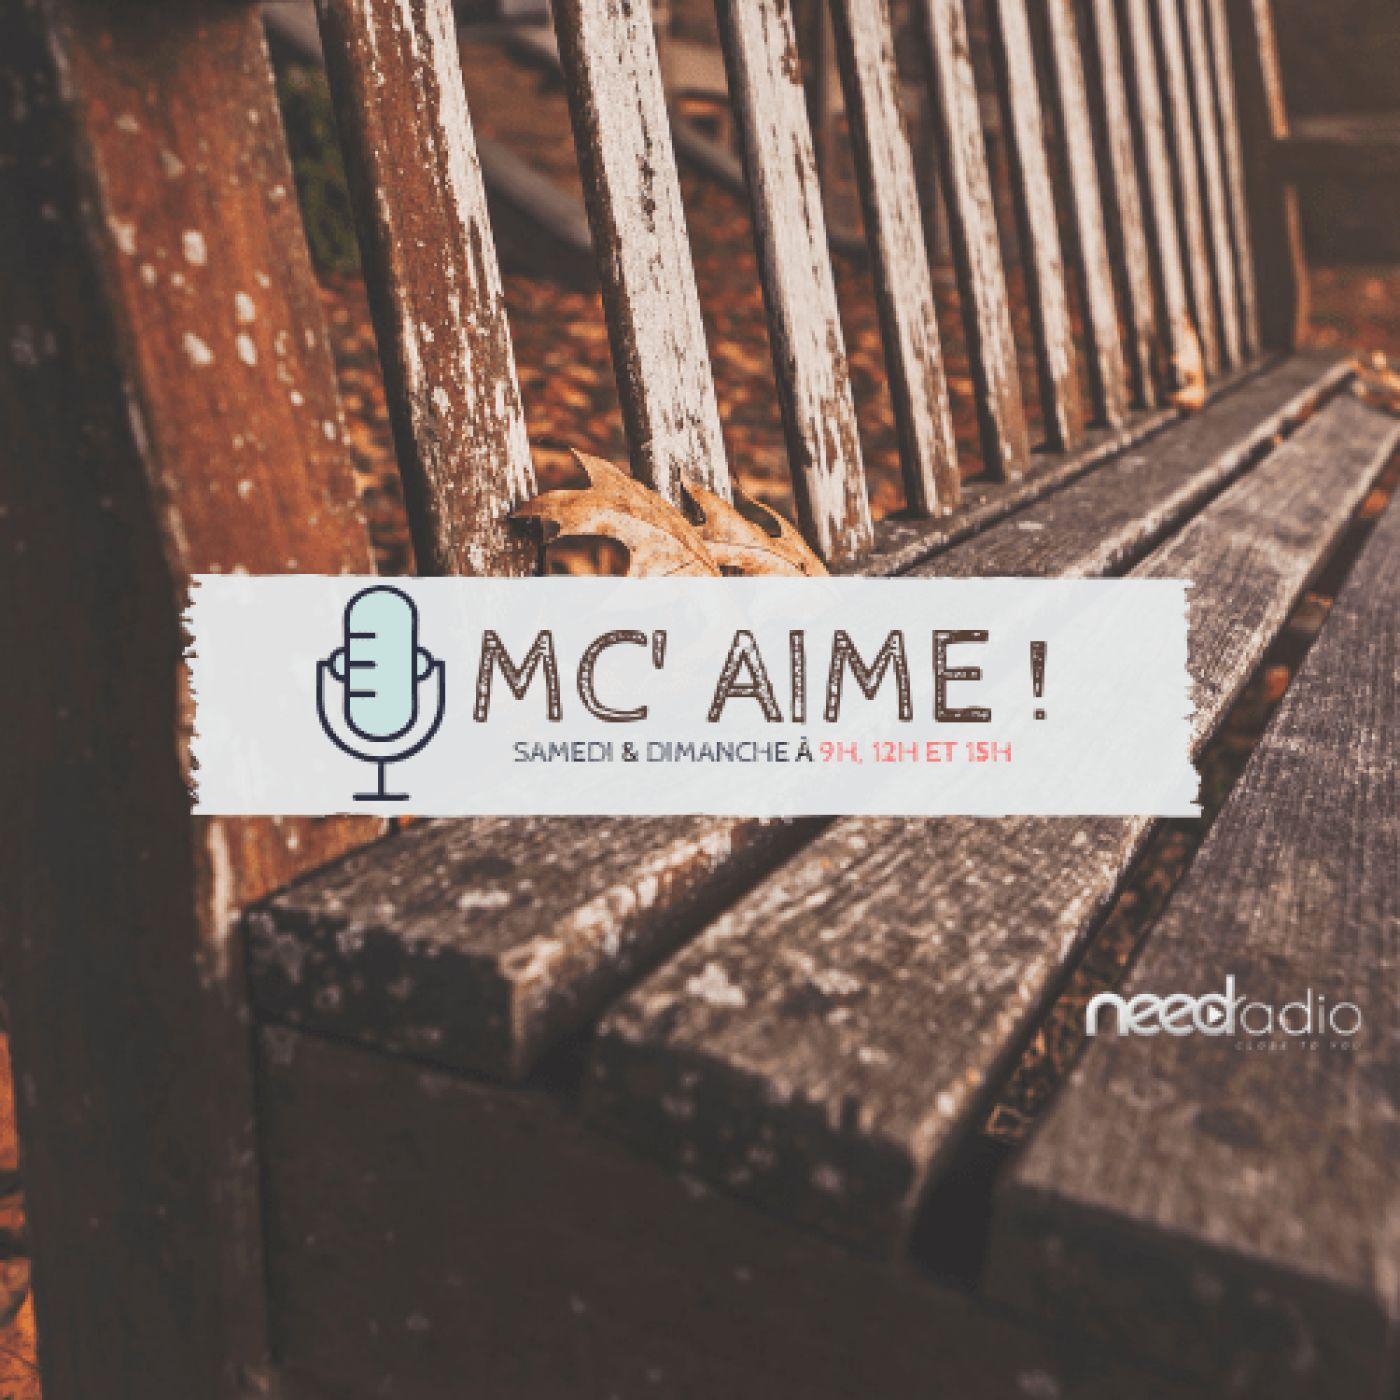 MC' Aime - Vol d'usage à l'Espace cirque d'Antony (30/03/19)